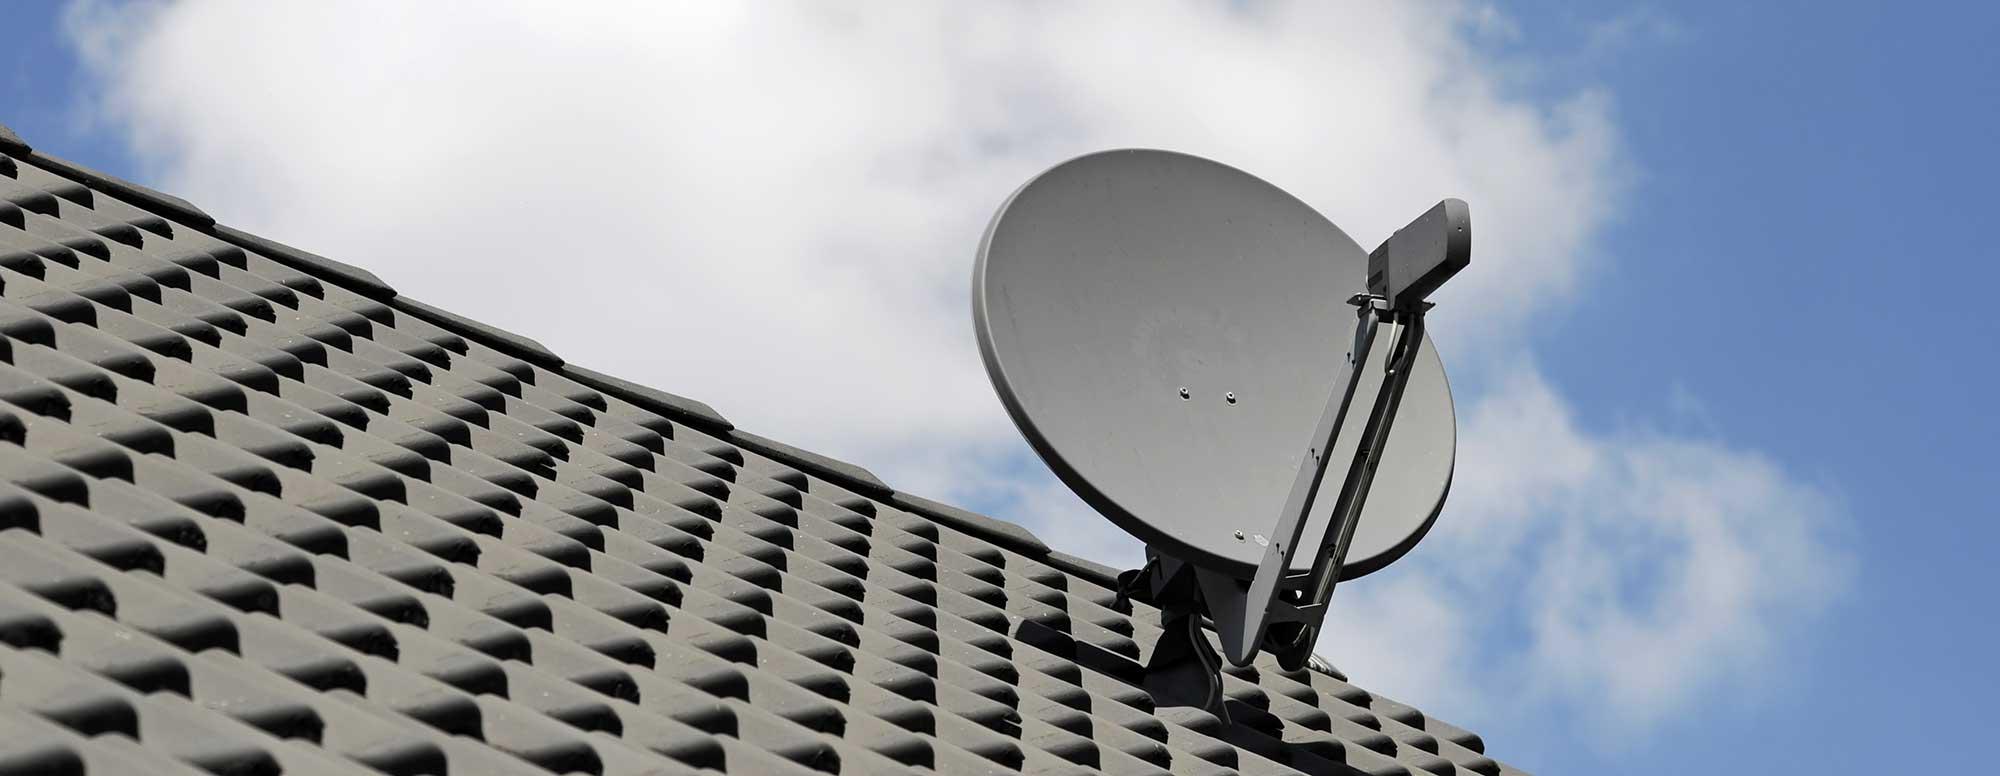 Satellitenanlage